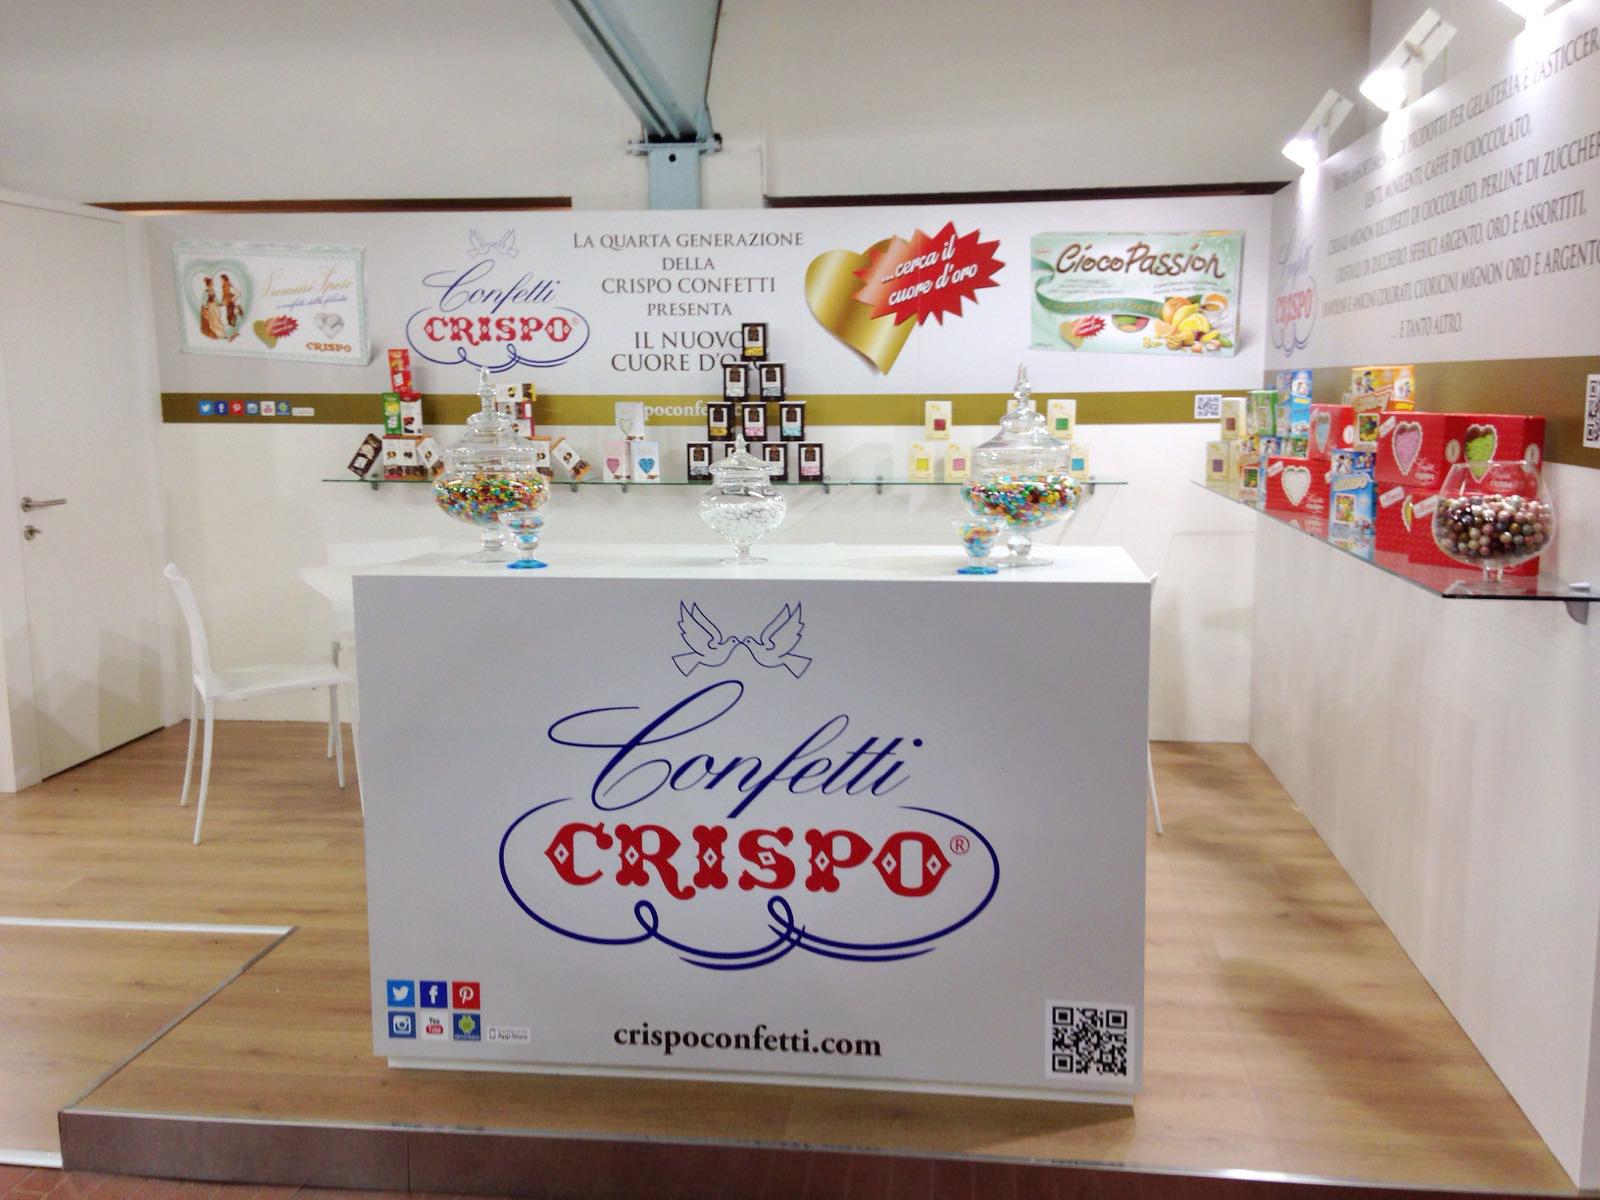 Confetti Crispo takes part to Mostra Internazionale del Gelato Artigianale